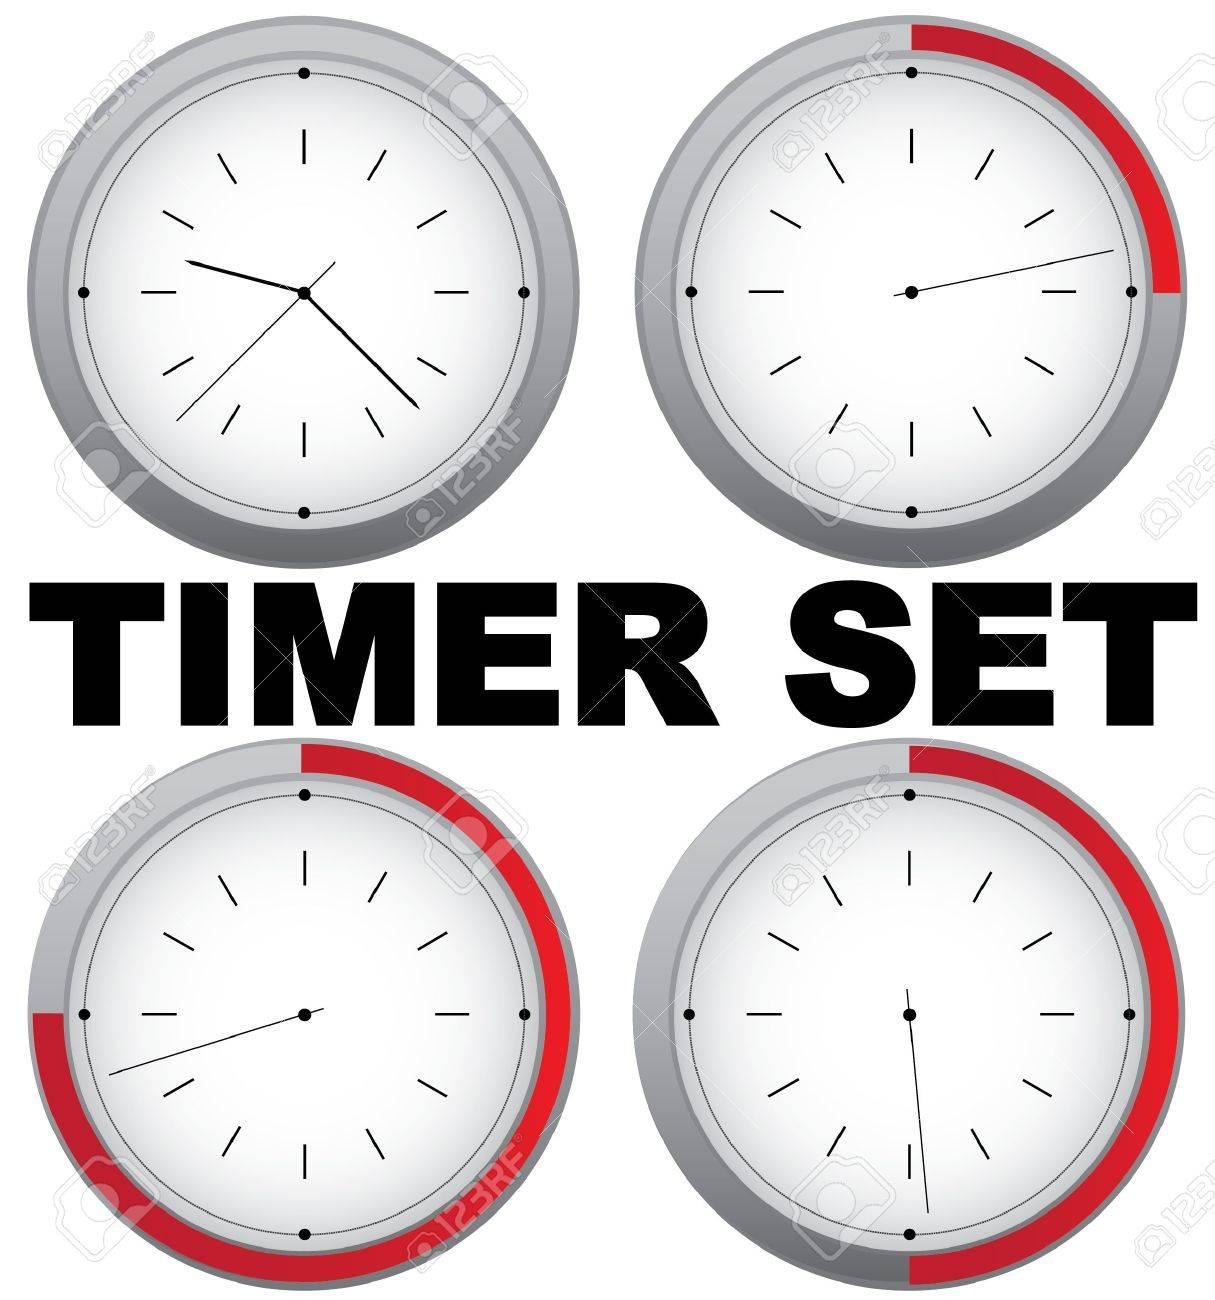 timer set for 15 minutes